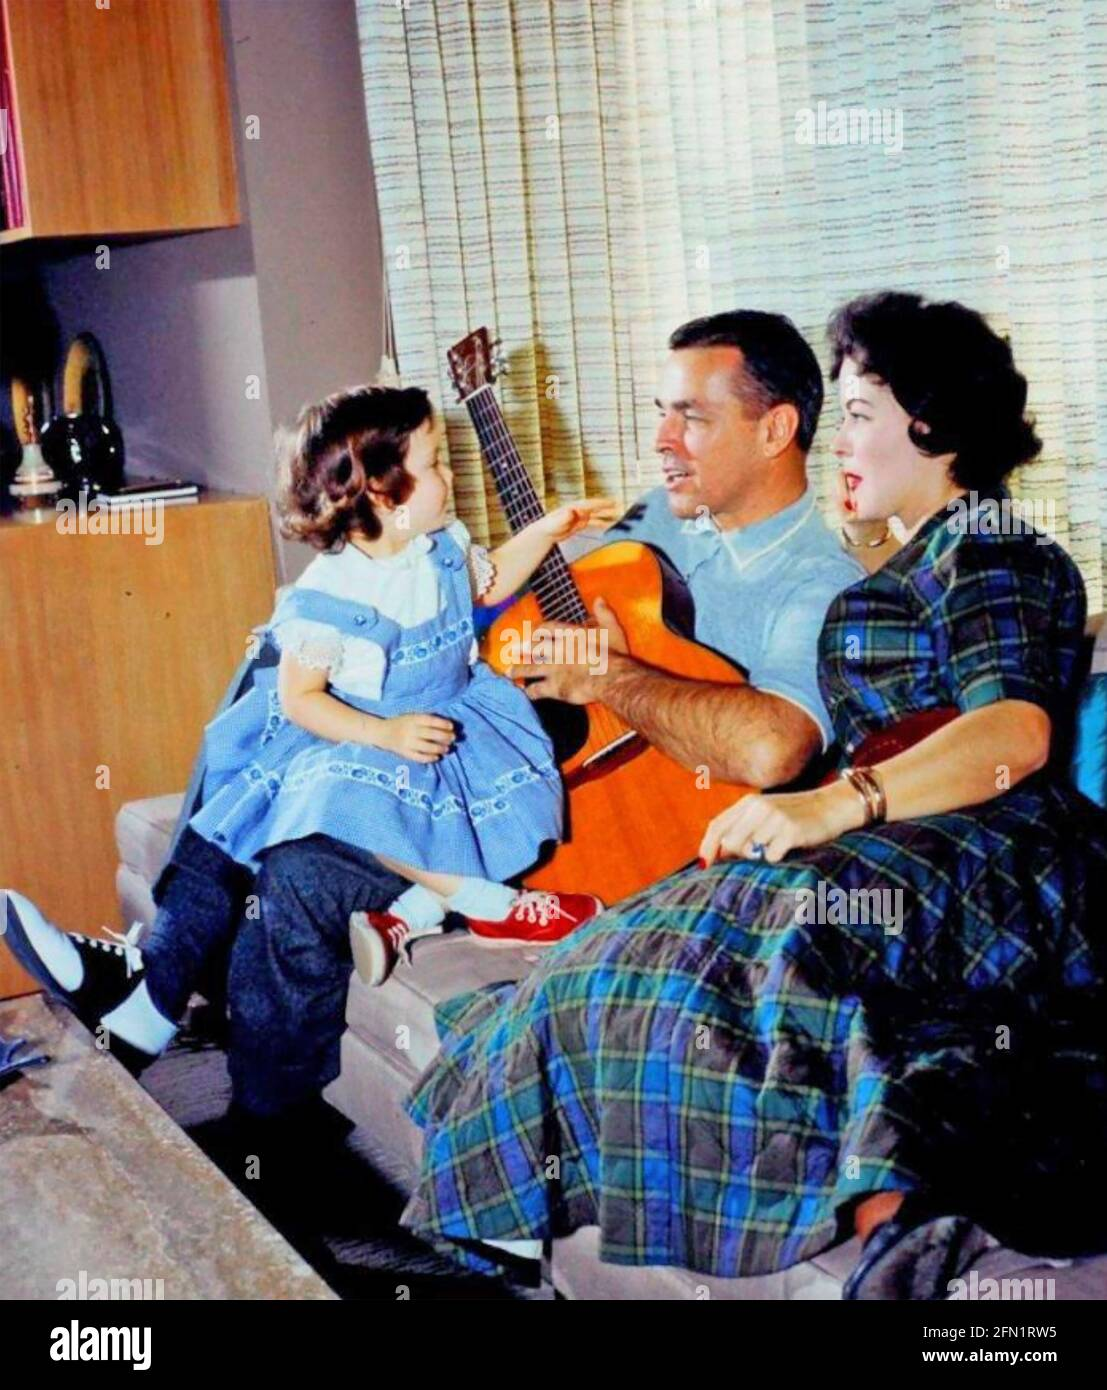 SHIRLEY TEMPLE (1928-2014) amerikanische Filmschauspielerin und später Diplomat mit Ihr zweiter Ehemann Charles Black und ihre Tochter Lori über 1960 Stockfoto